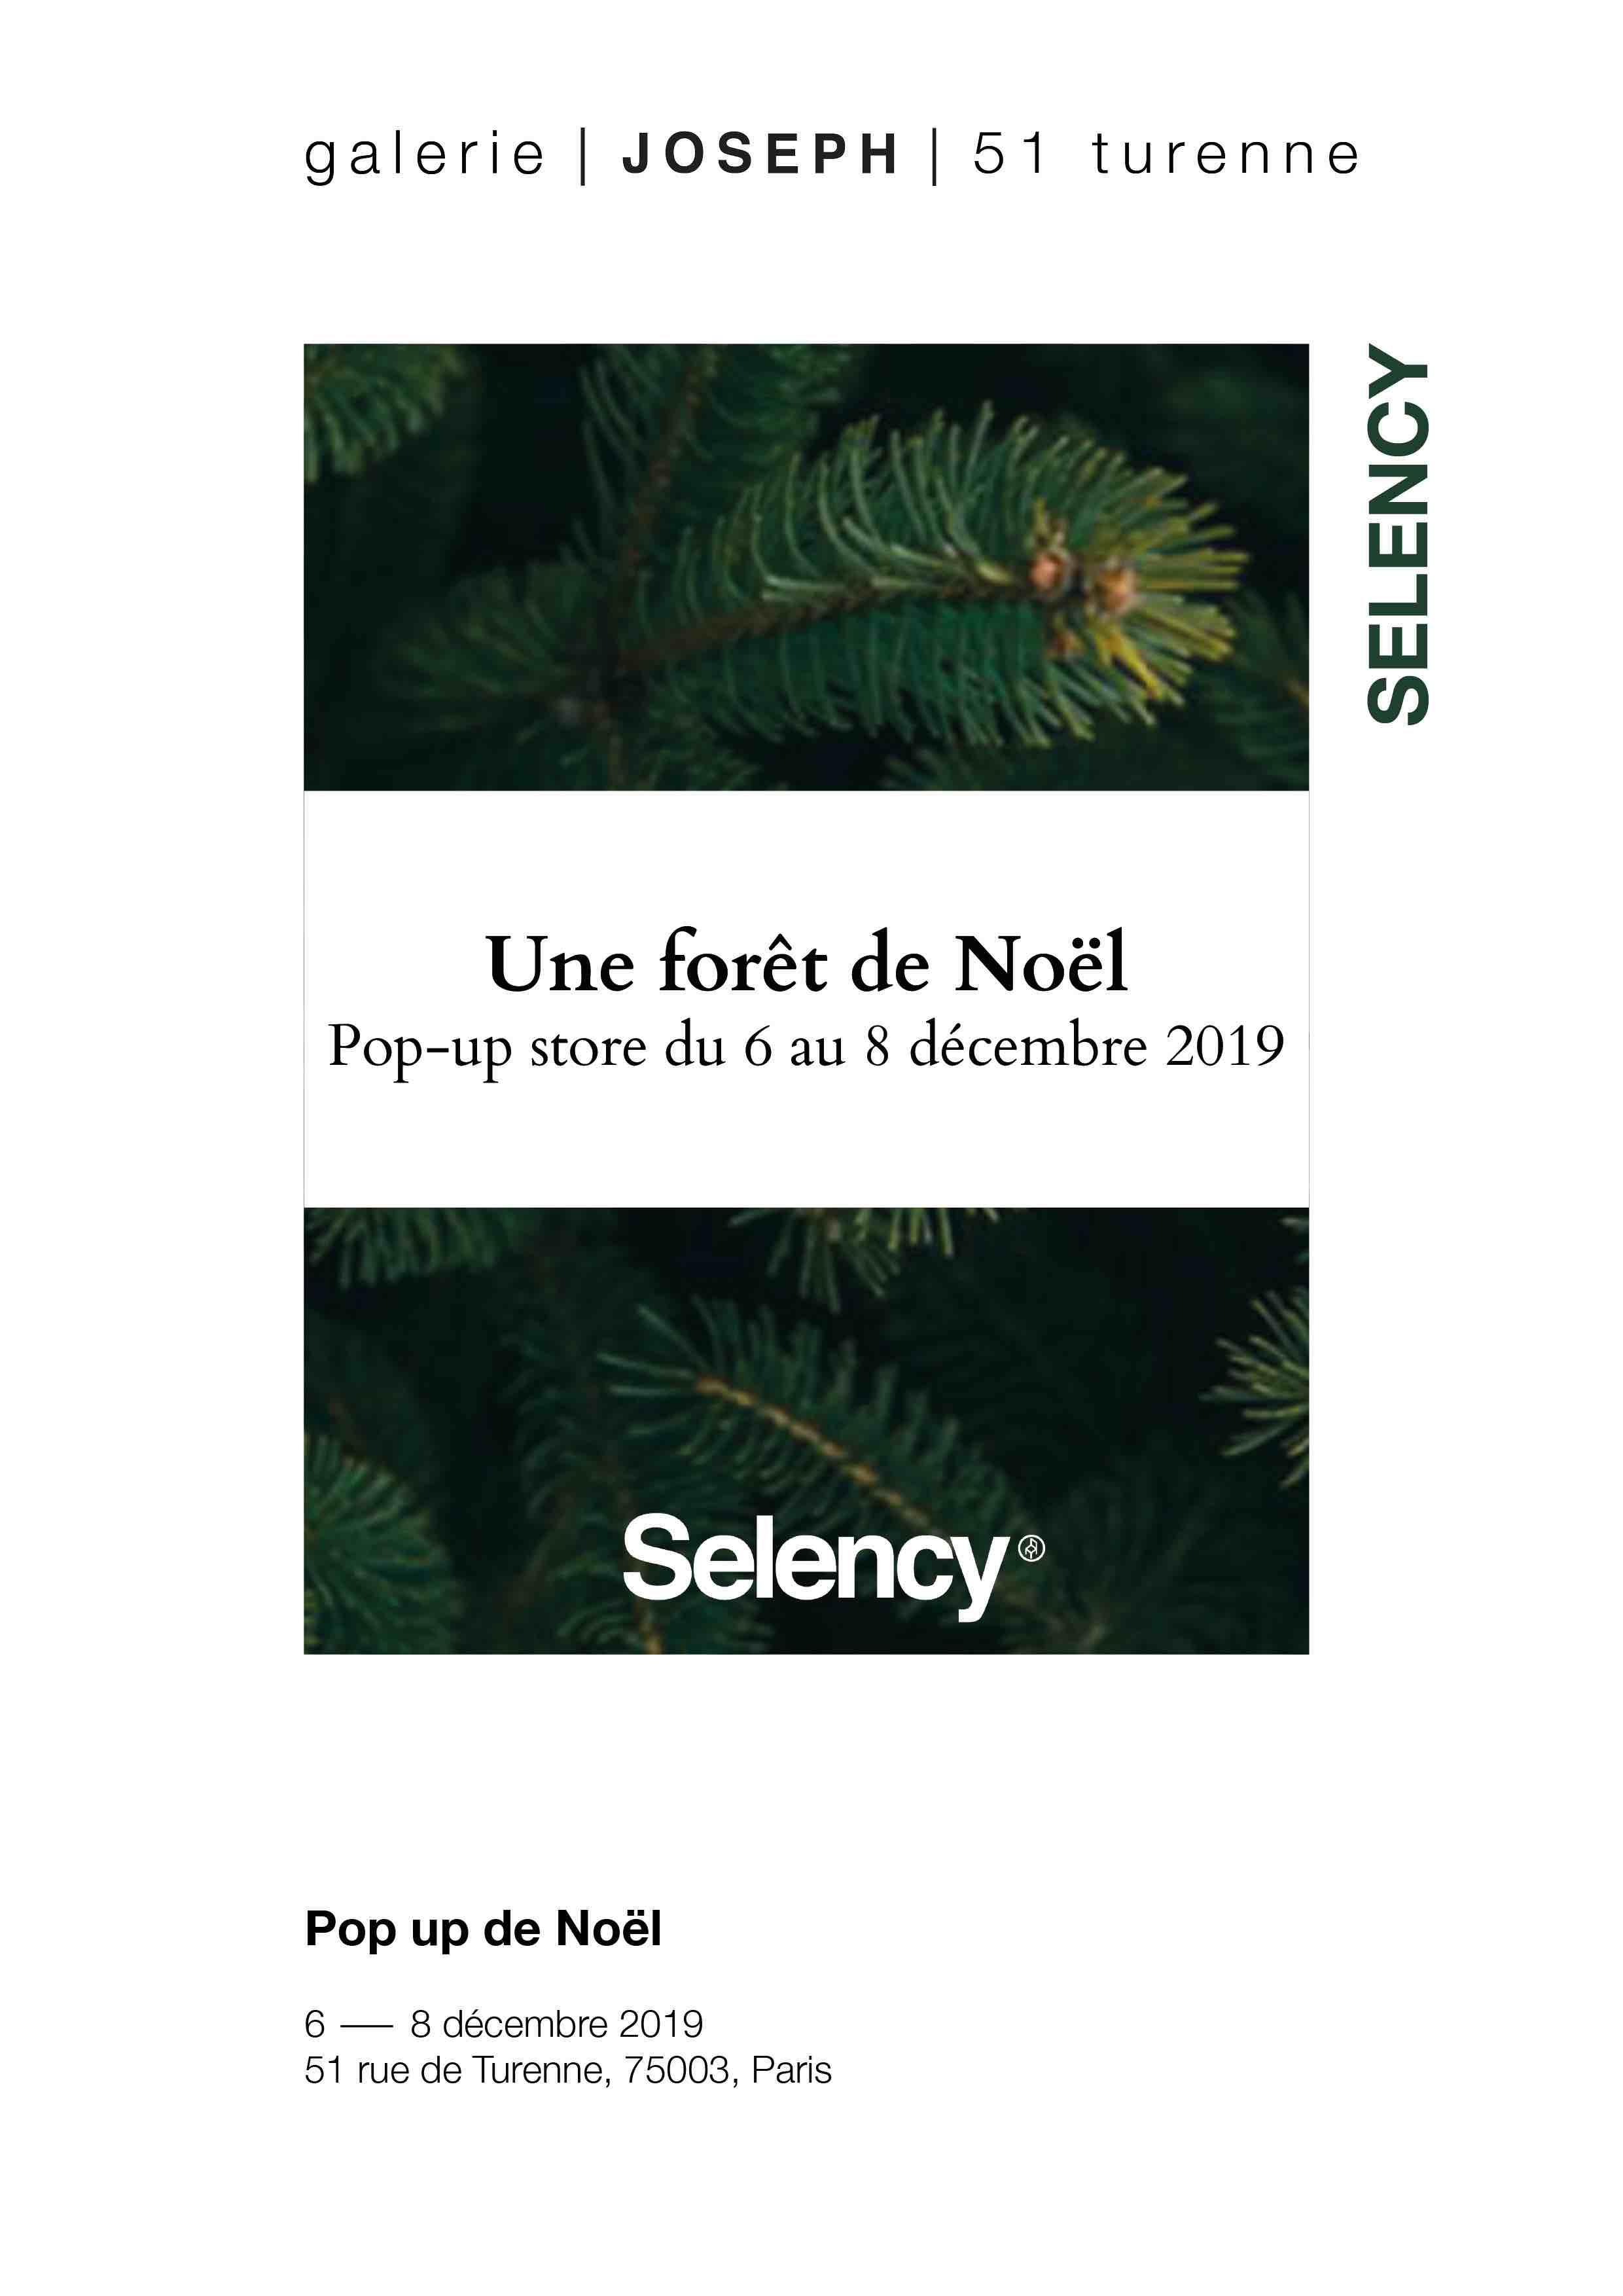 Pop Up Selency